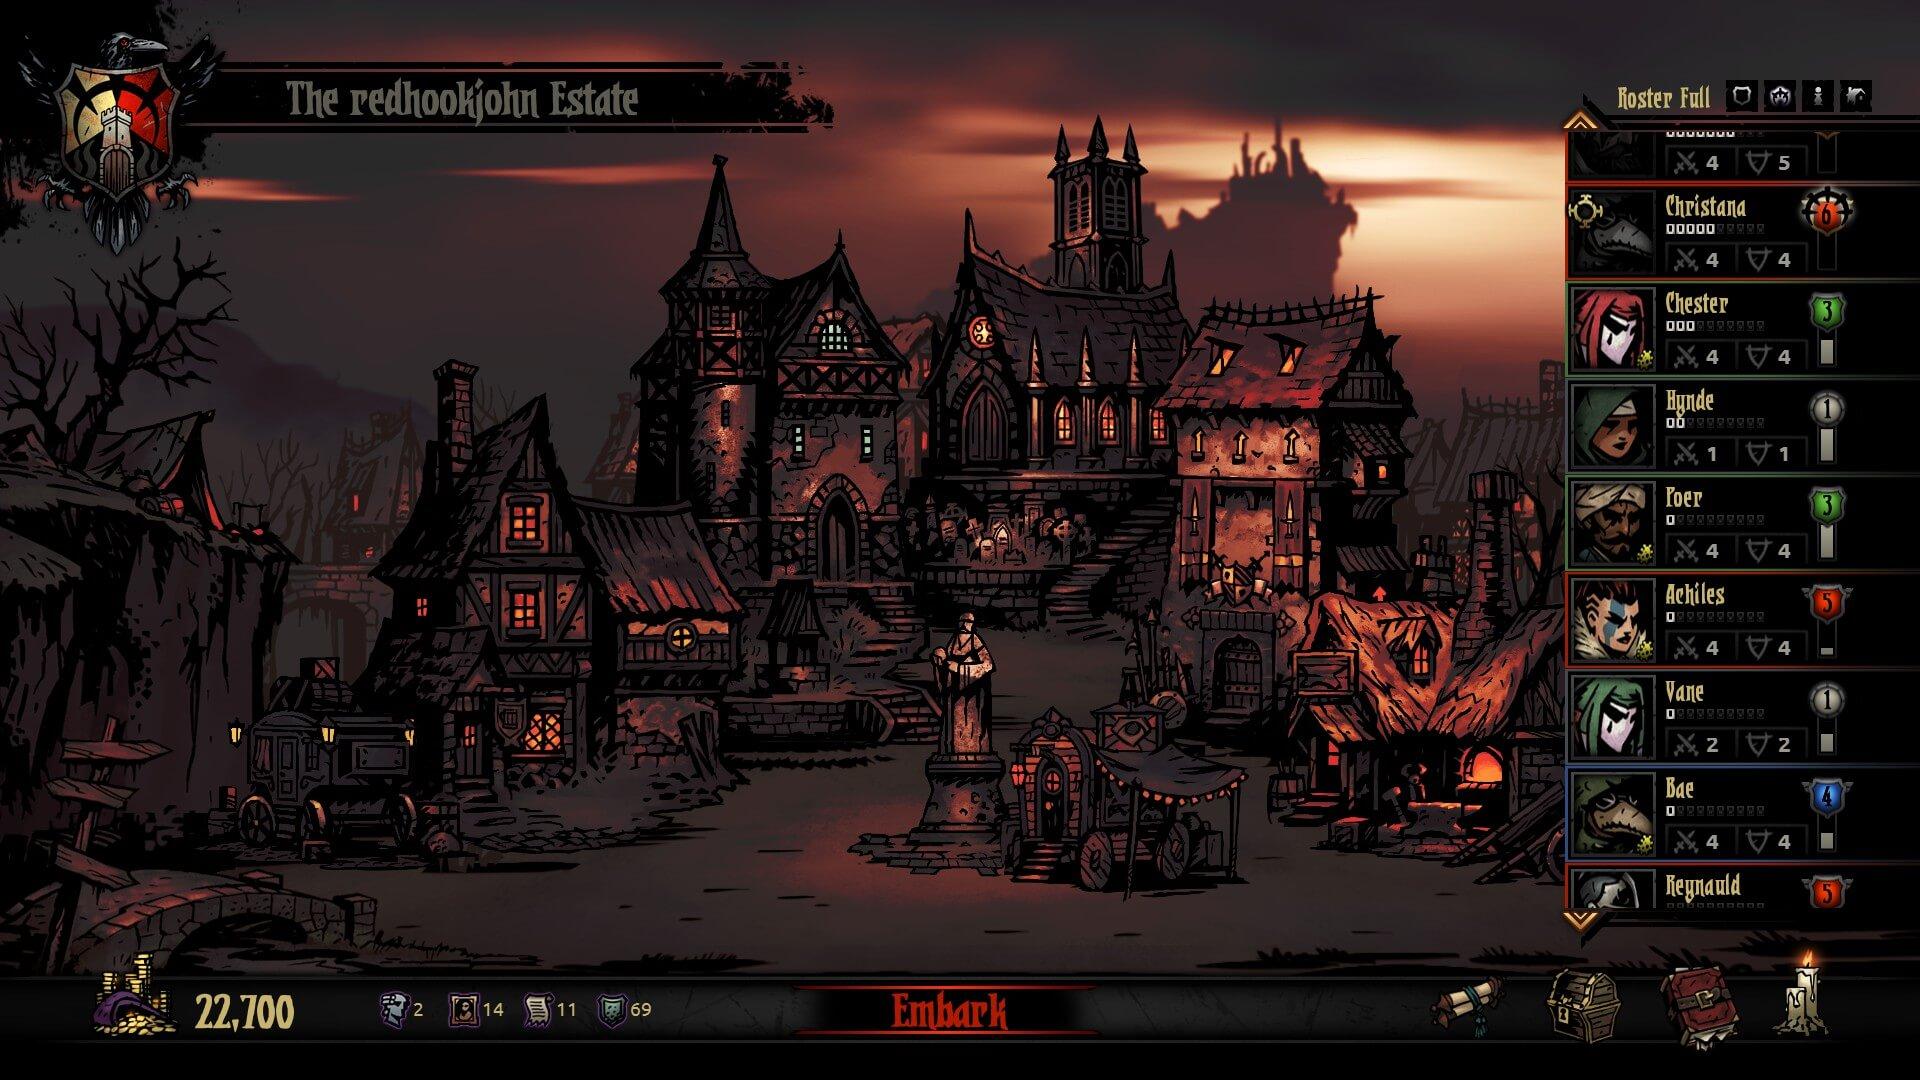 Darkest dungeon roguelike oyun steam inceleme